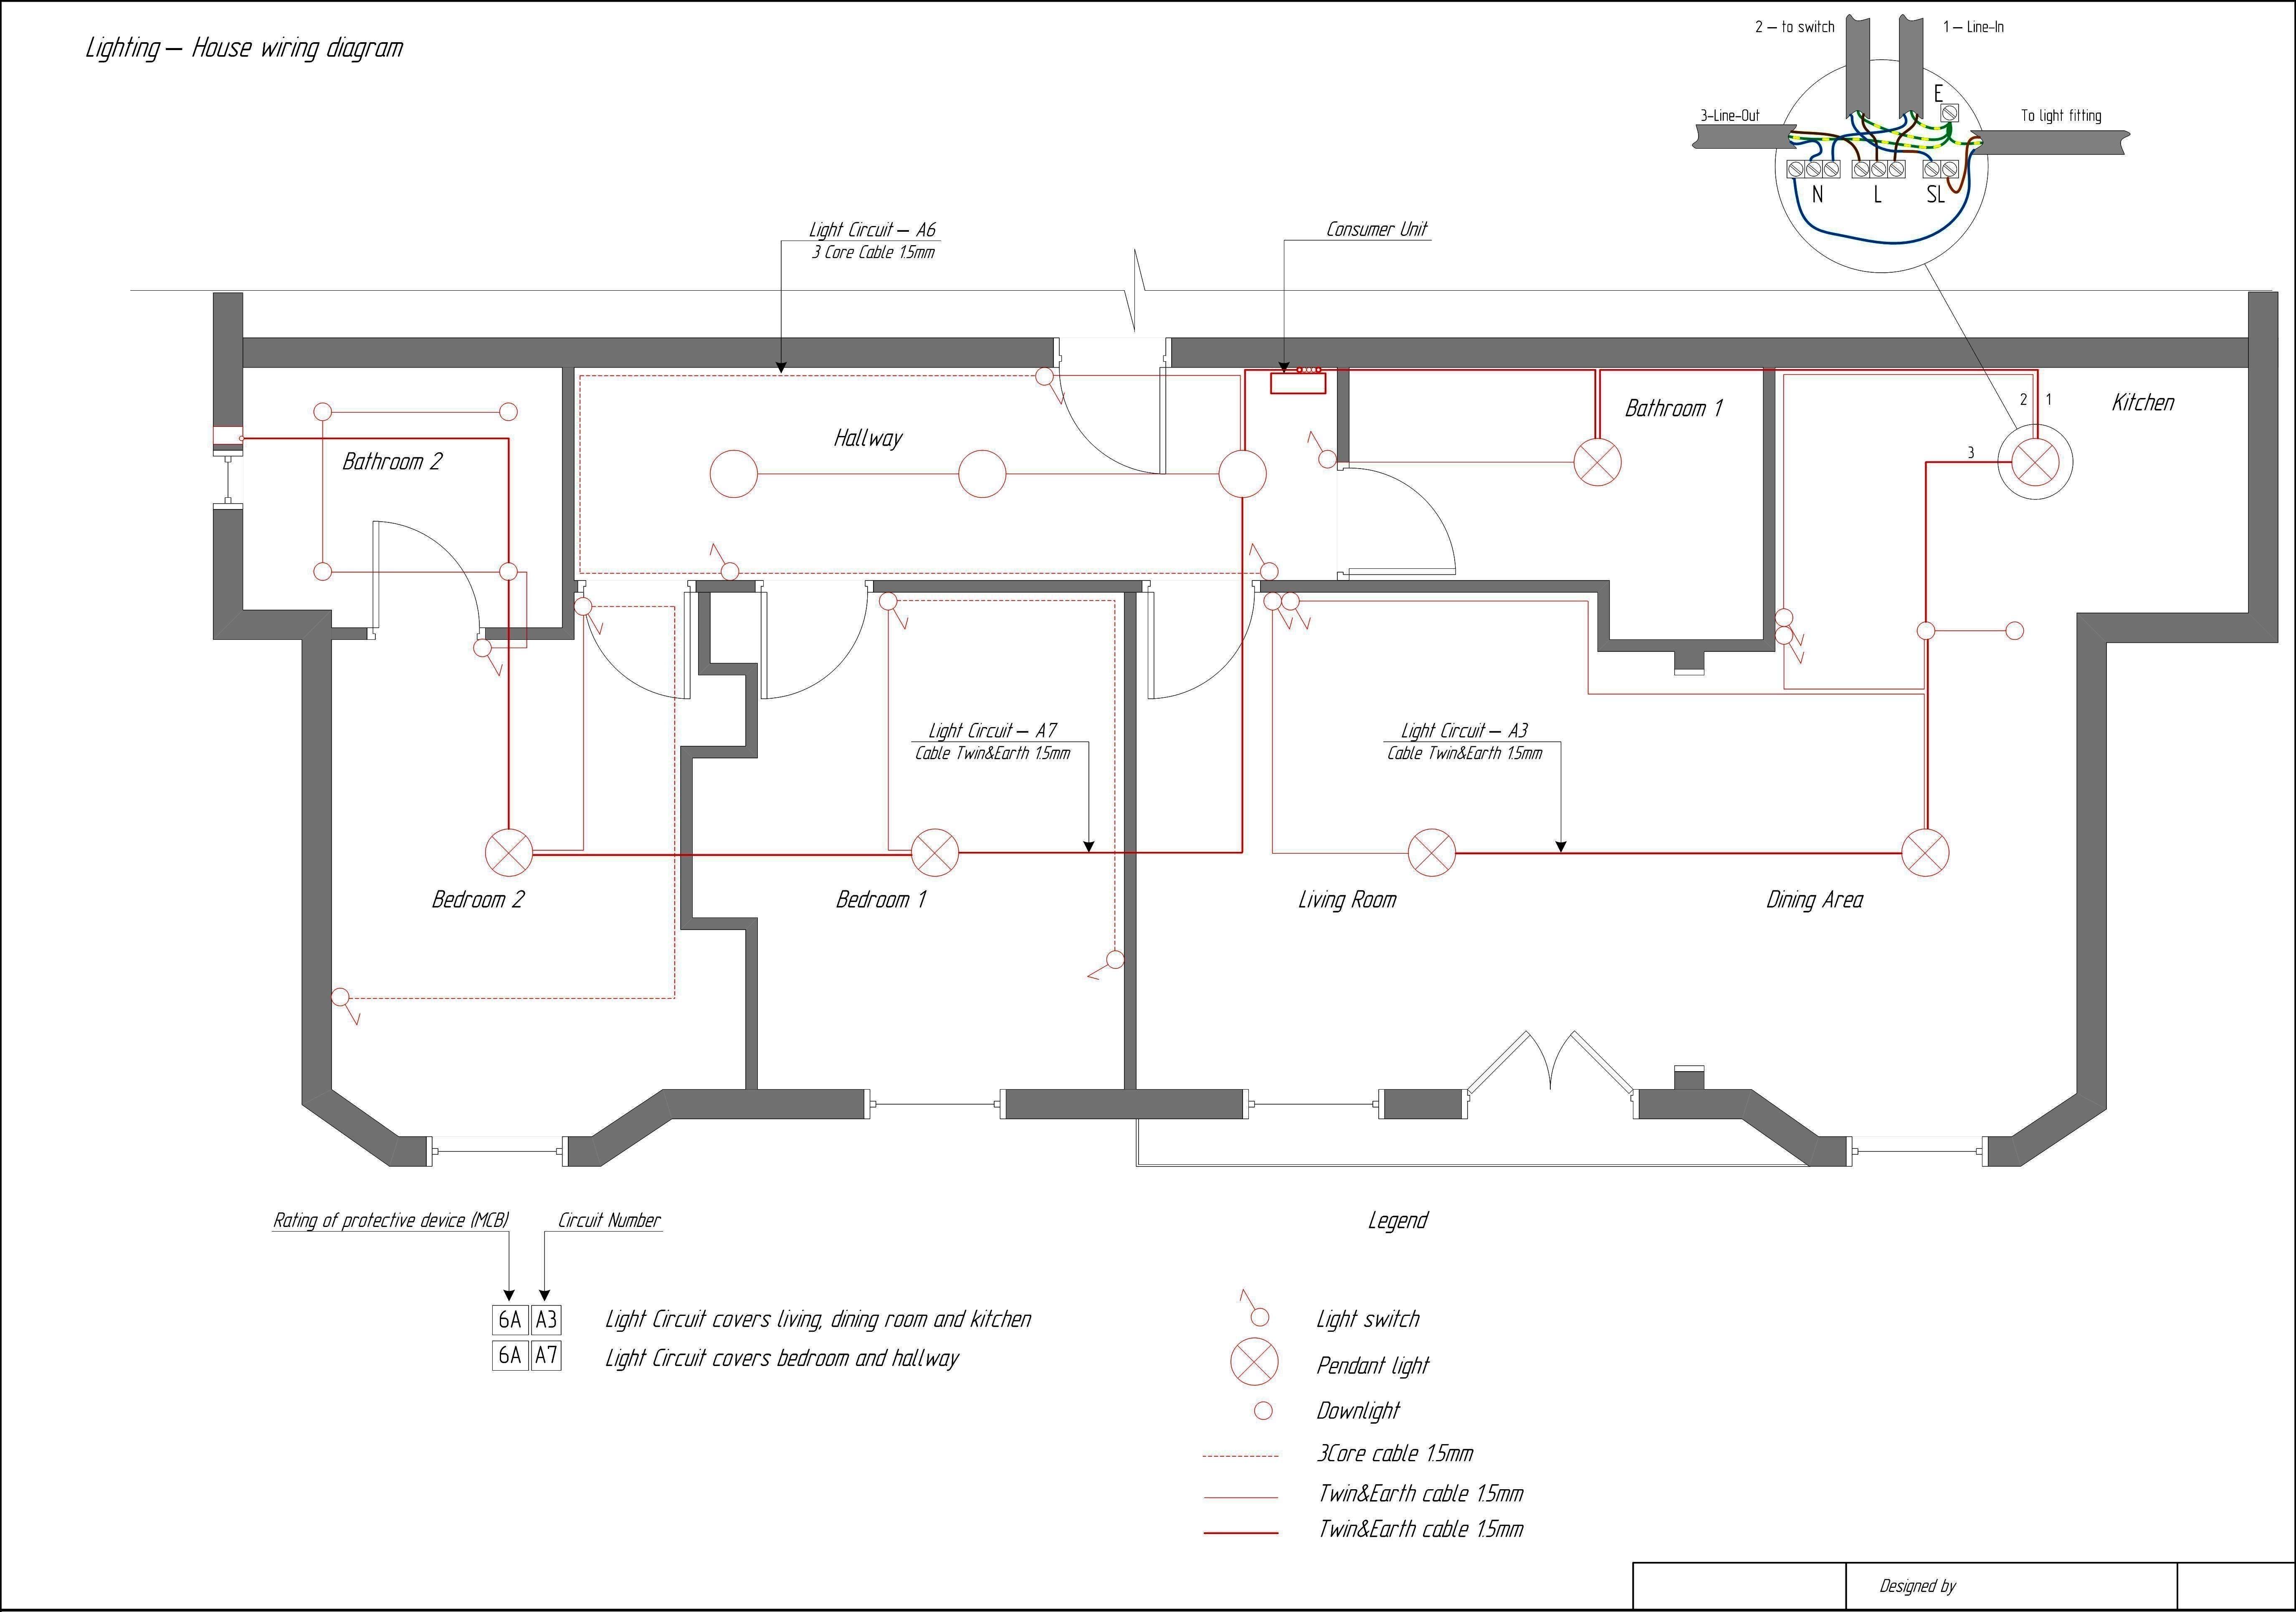 Electrical Engineering Diagrams Unique Electrical Engineer Drawing • Electrical Outlet Symbol 2018 Of Electrical Engineering Diagrams